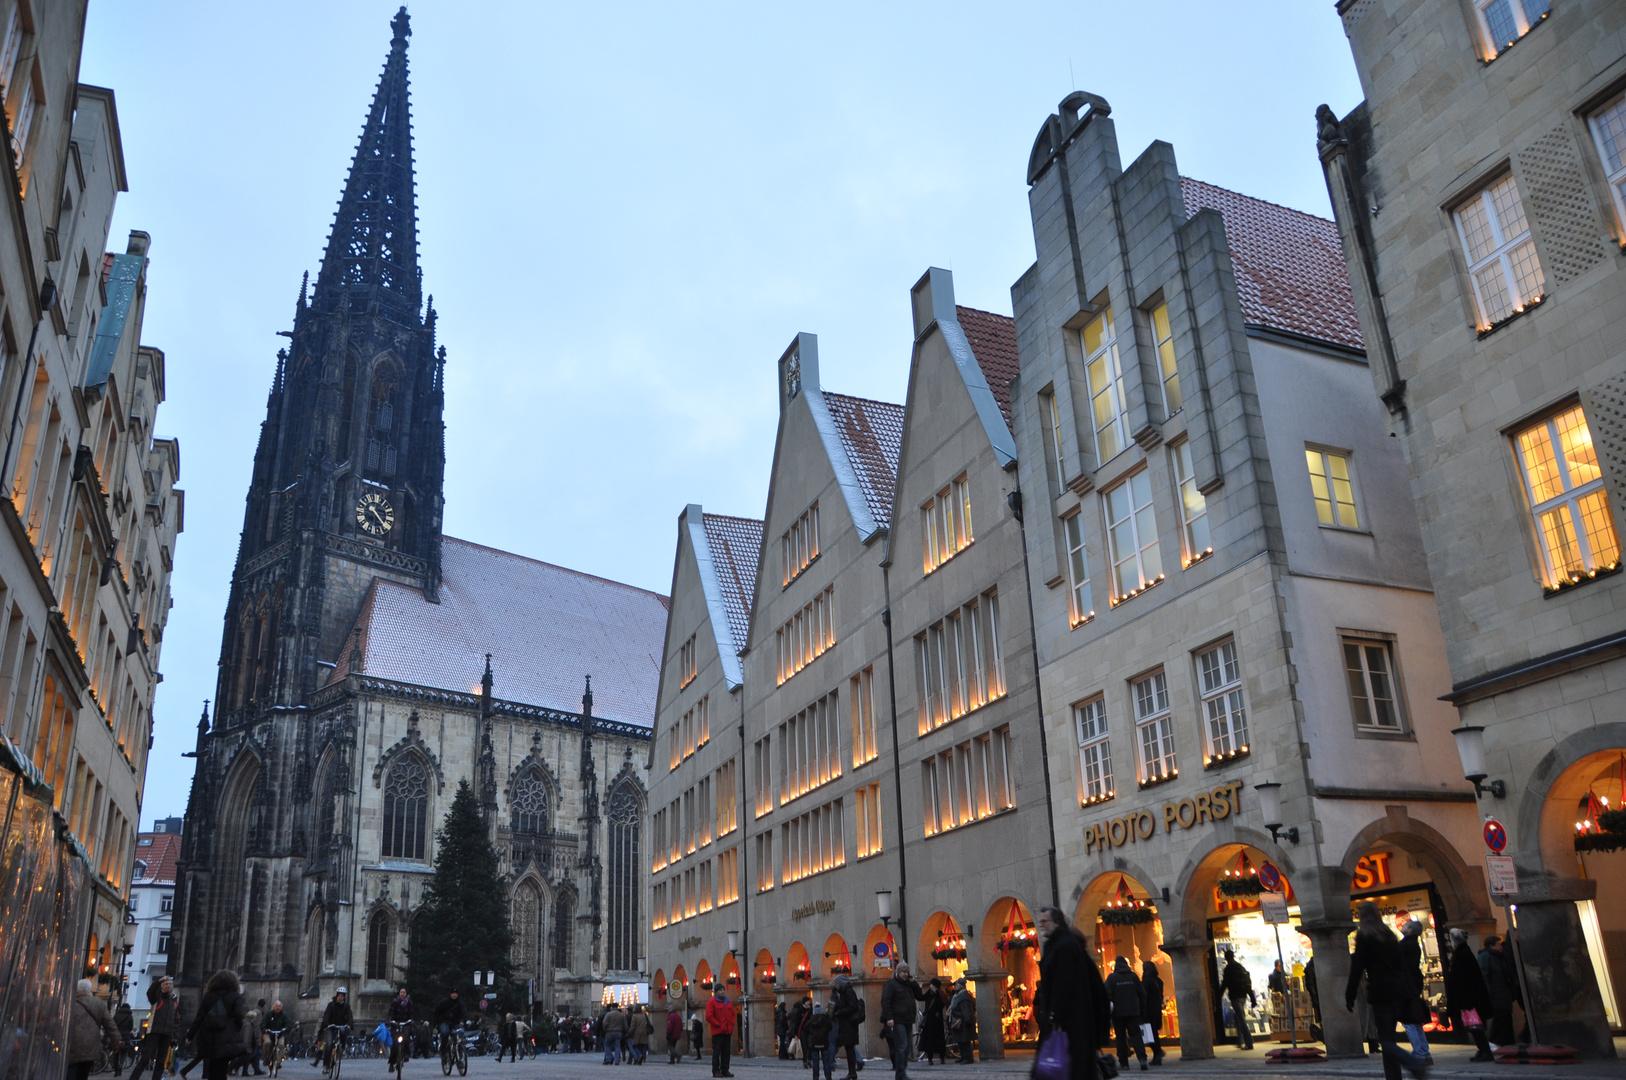 weihnachten in m nster foto bild deutschland europe. Black Bedroom Furniture Sets. Home Design Ideas